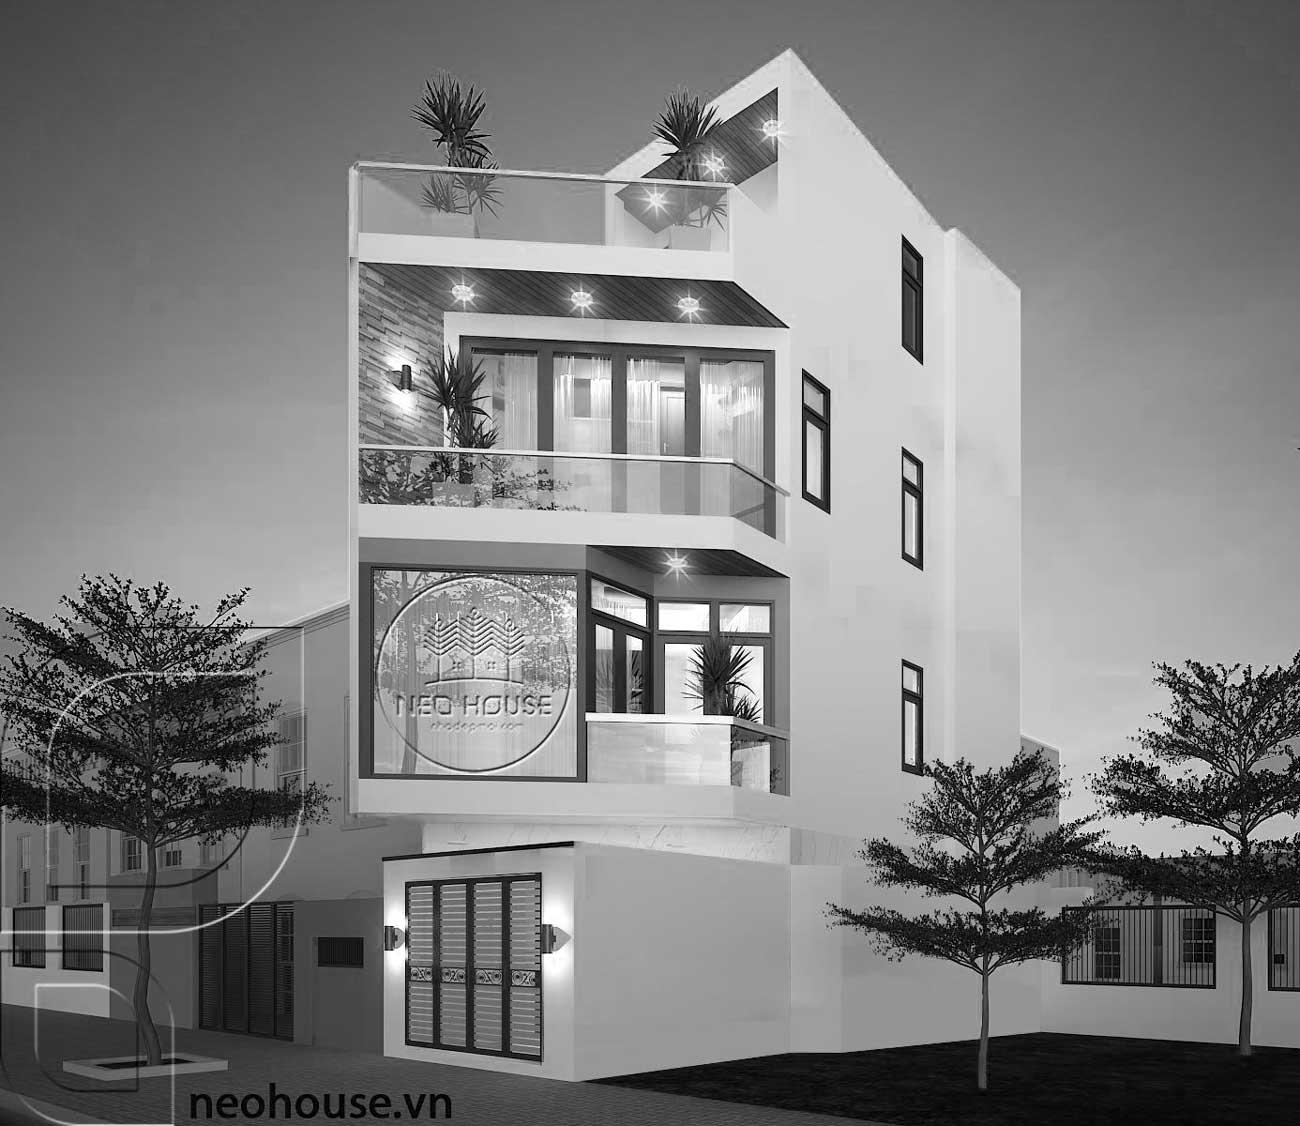 Thiết kế nhà phố vát góc 3 tầng 1 tum hiện đại. Ảnh 2